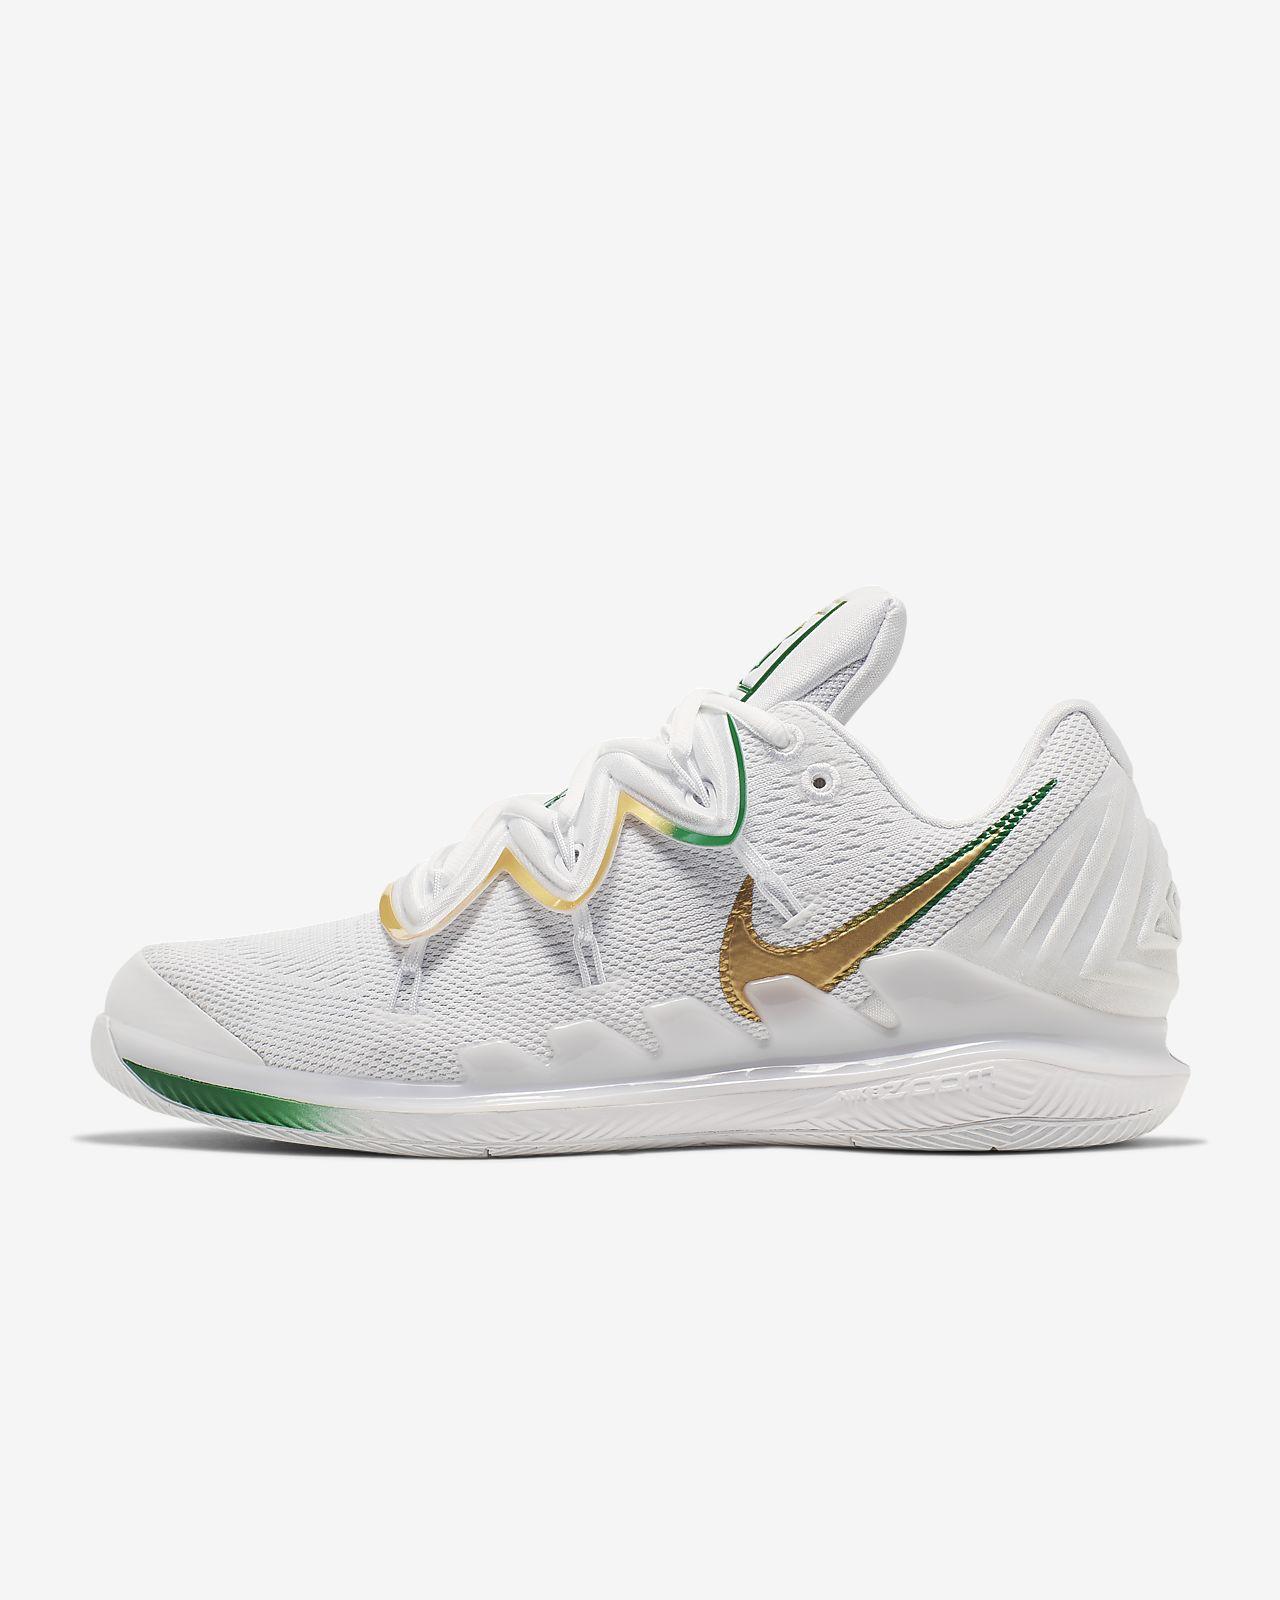 Pour Surface Homme Air Kyrie Zoom Nikecourt De Vapor X 5 Tennis Dure Chaussure tsdQCxrh